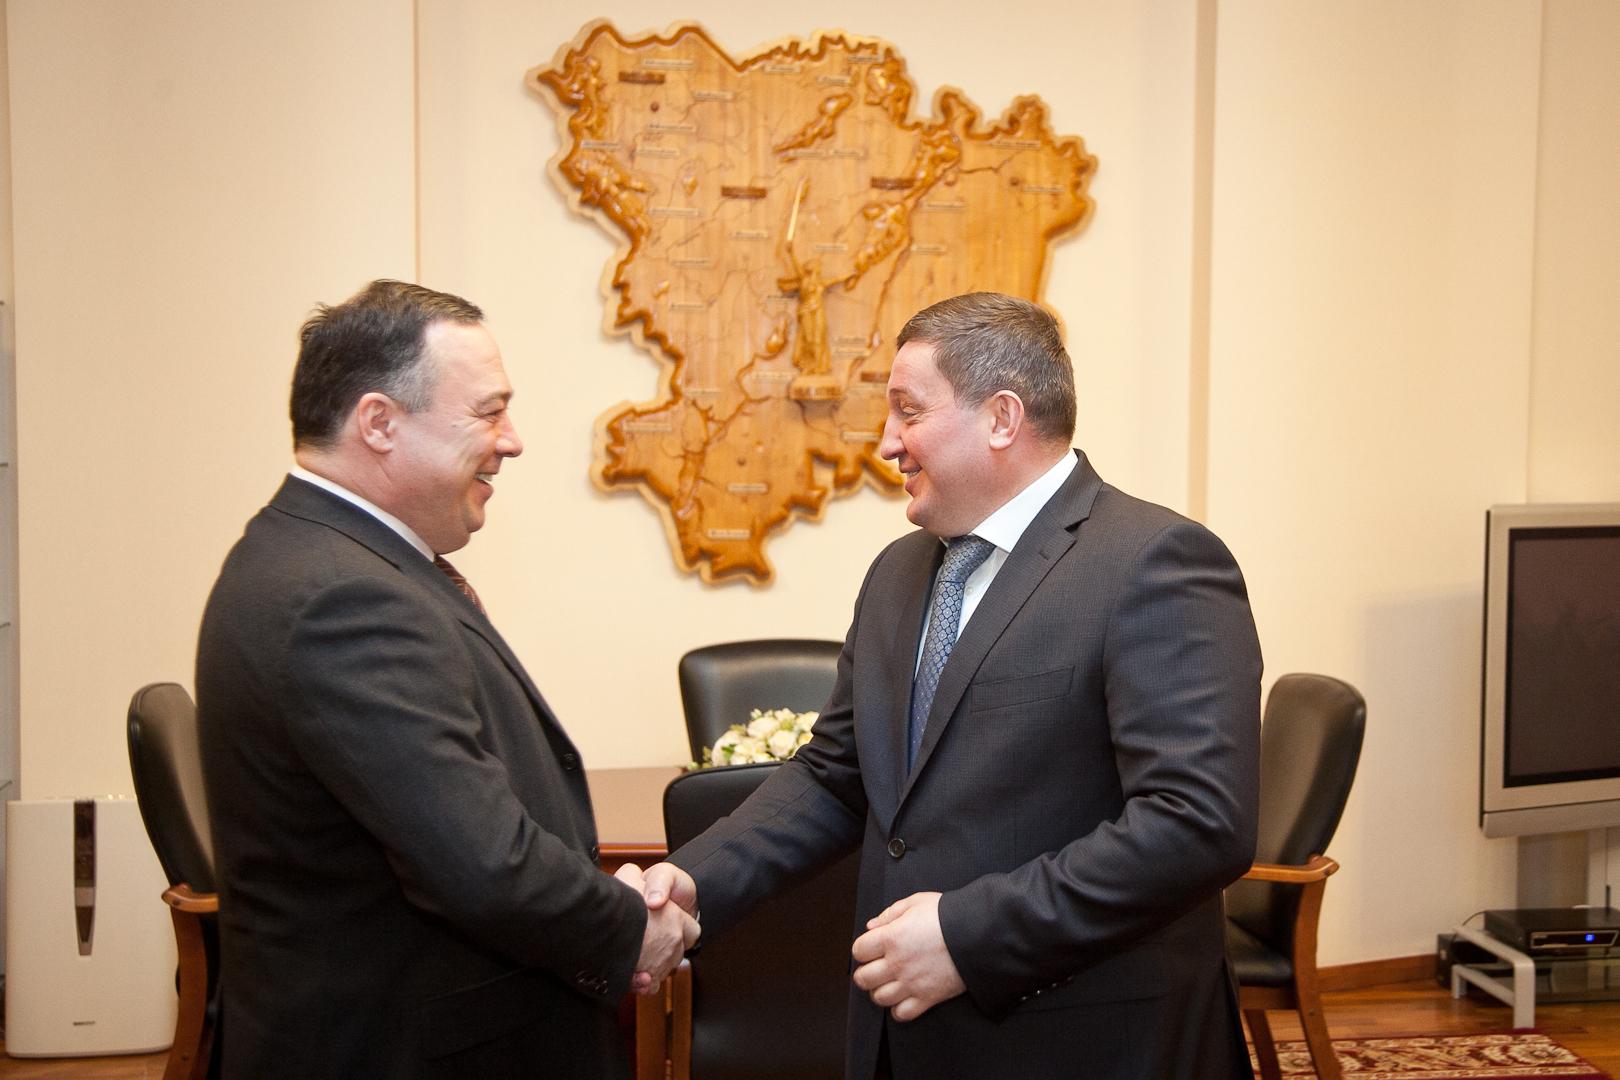 Губернатор пообещал ВГТЗ последующее участие воборонной программе